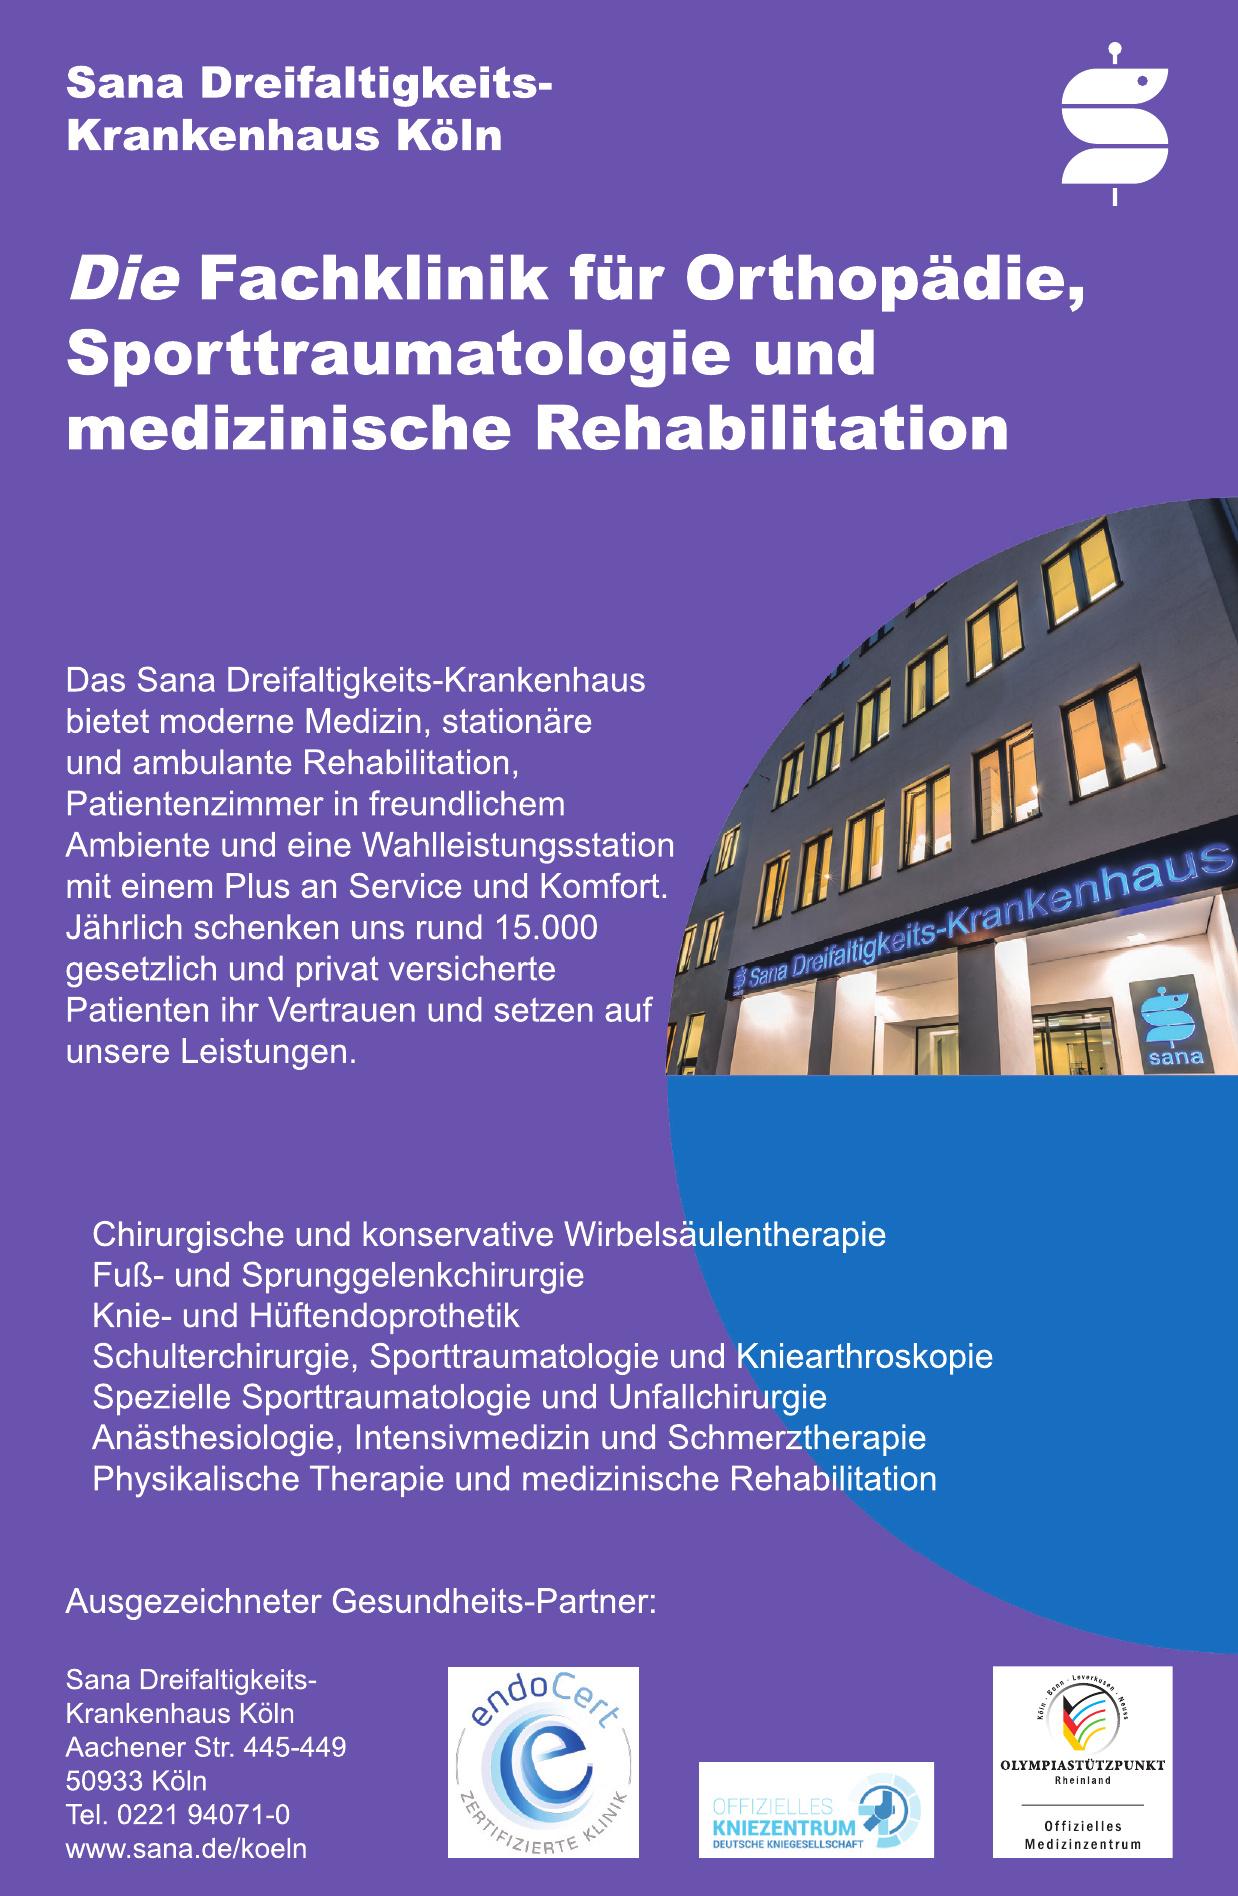 Sana Dreifaltigkeits-Krankenhaus Köln